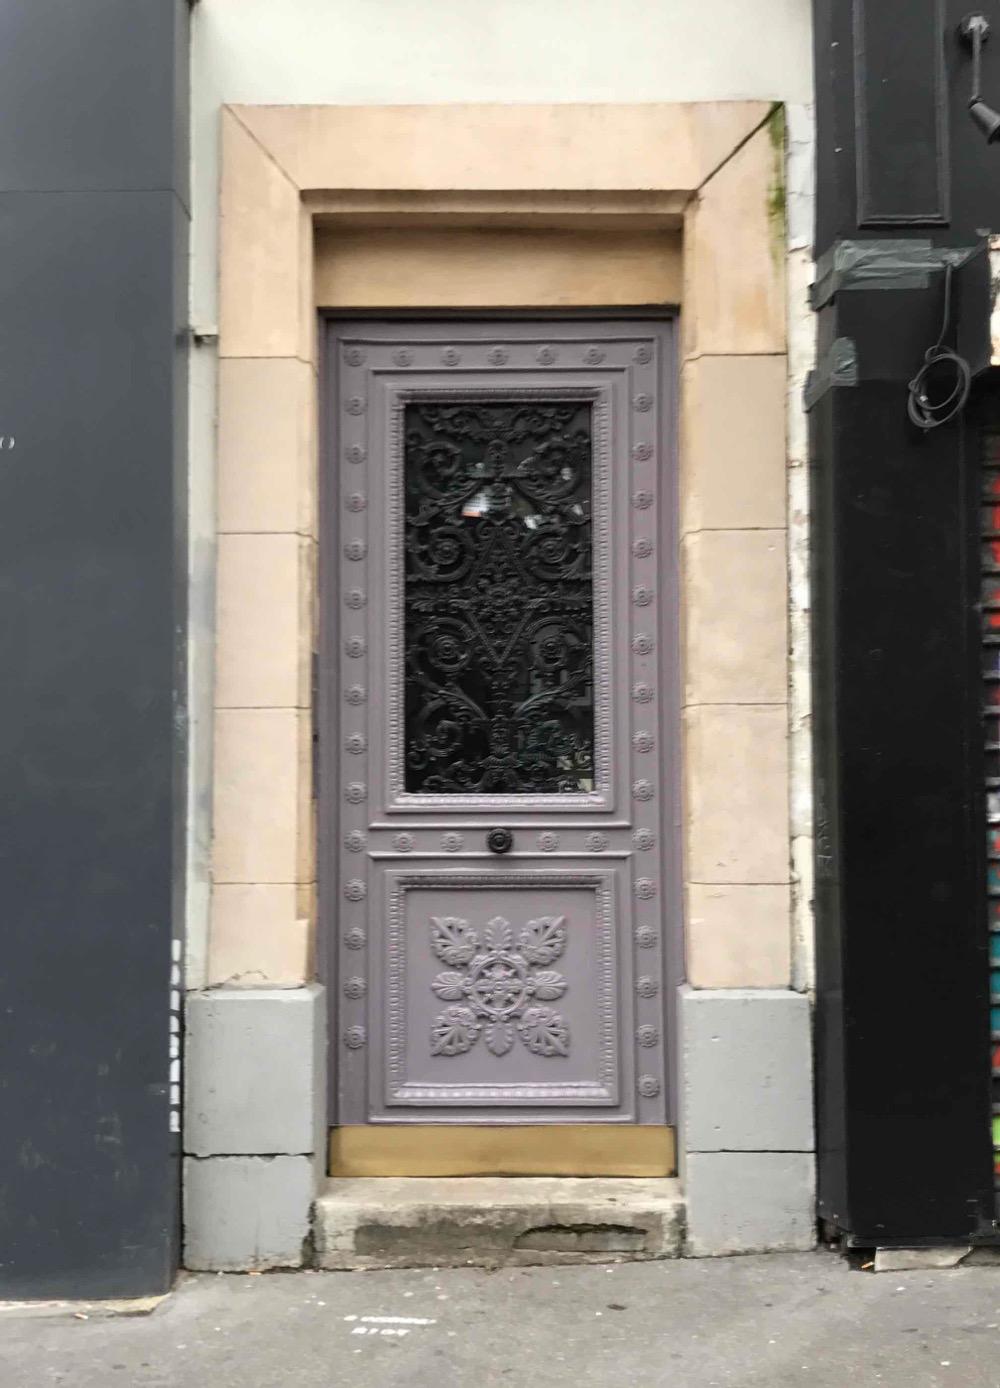 Porte Piétonne Chêne Sur Rue Avec Grille En Fonte Très Ouvragée - Rue De Saussure - Paris 17